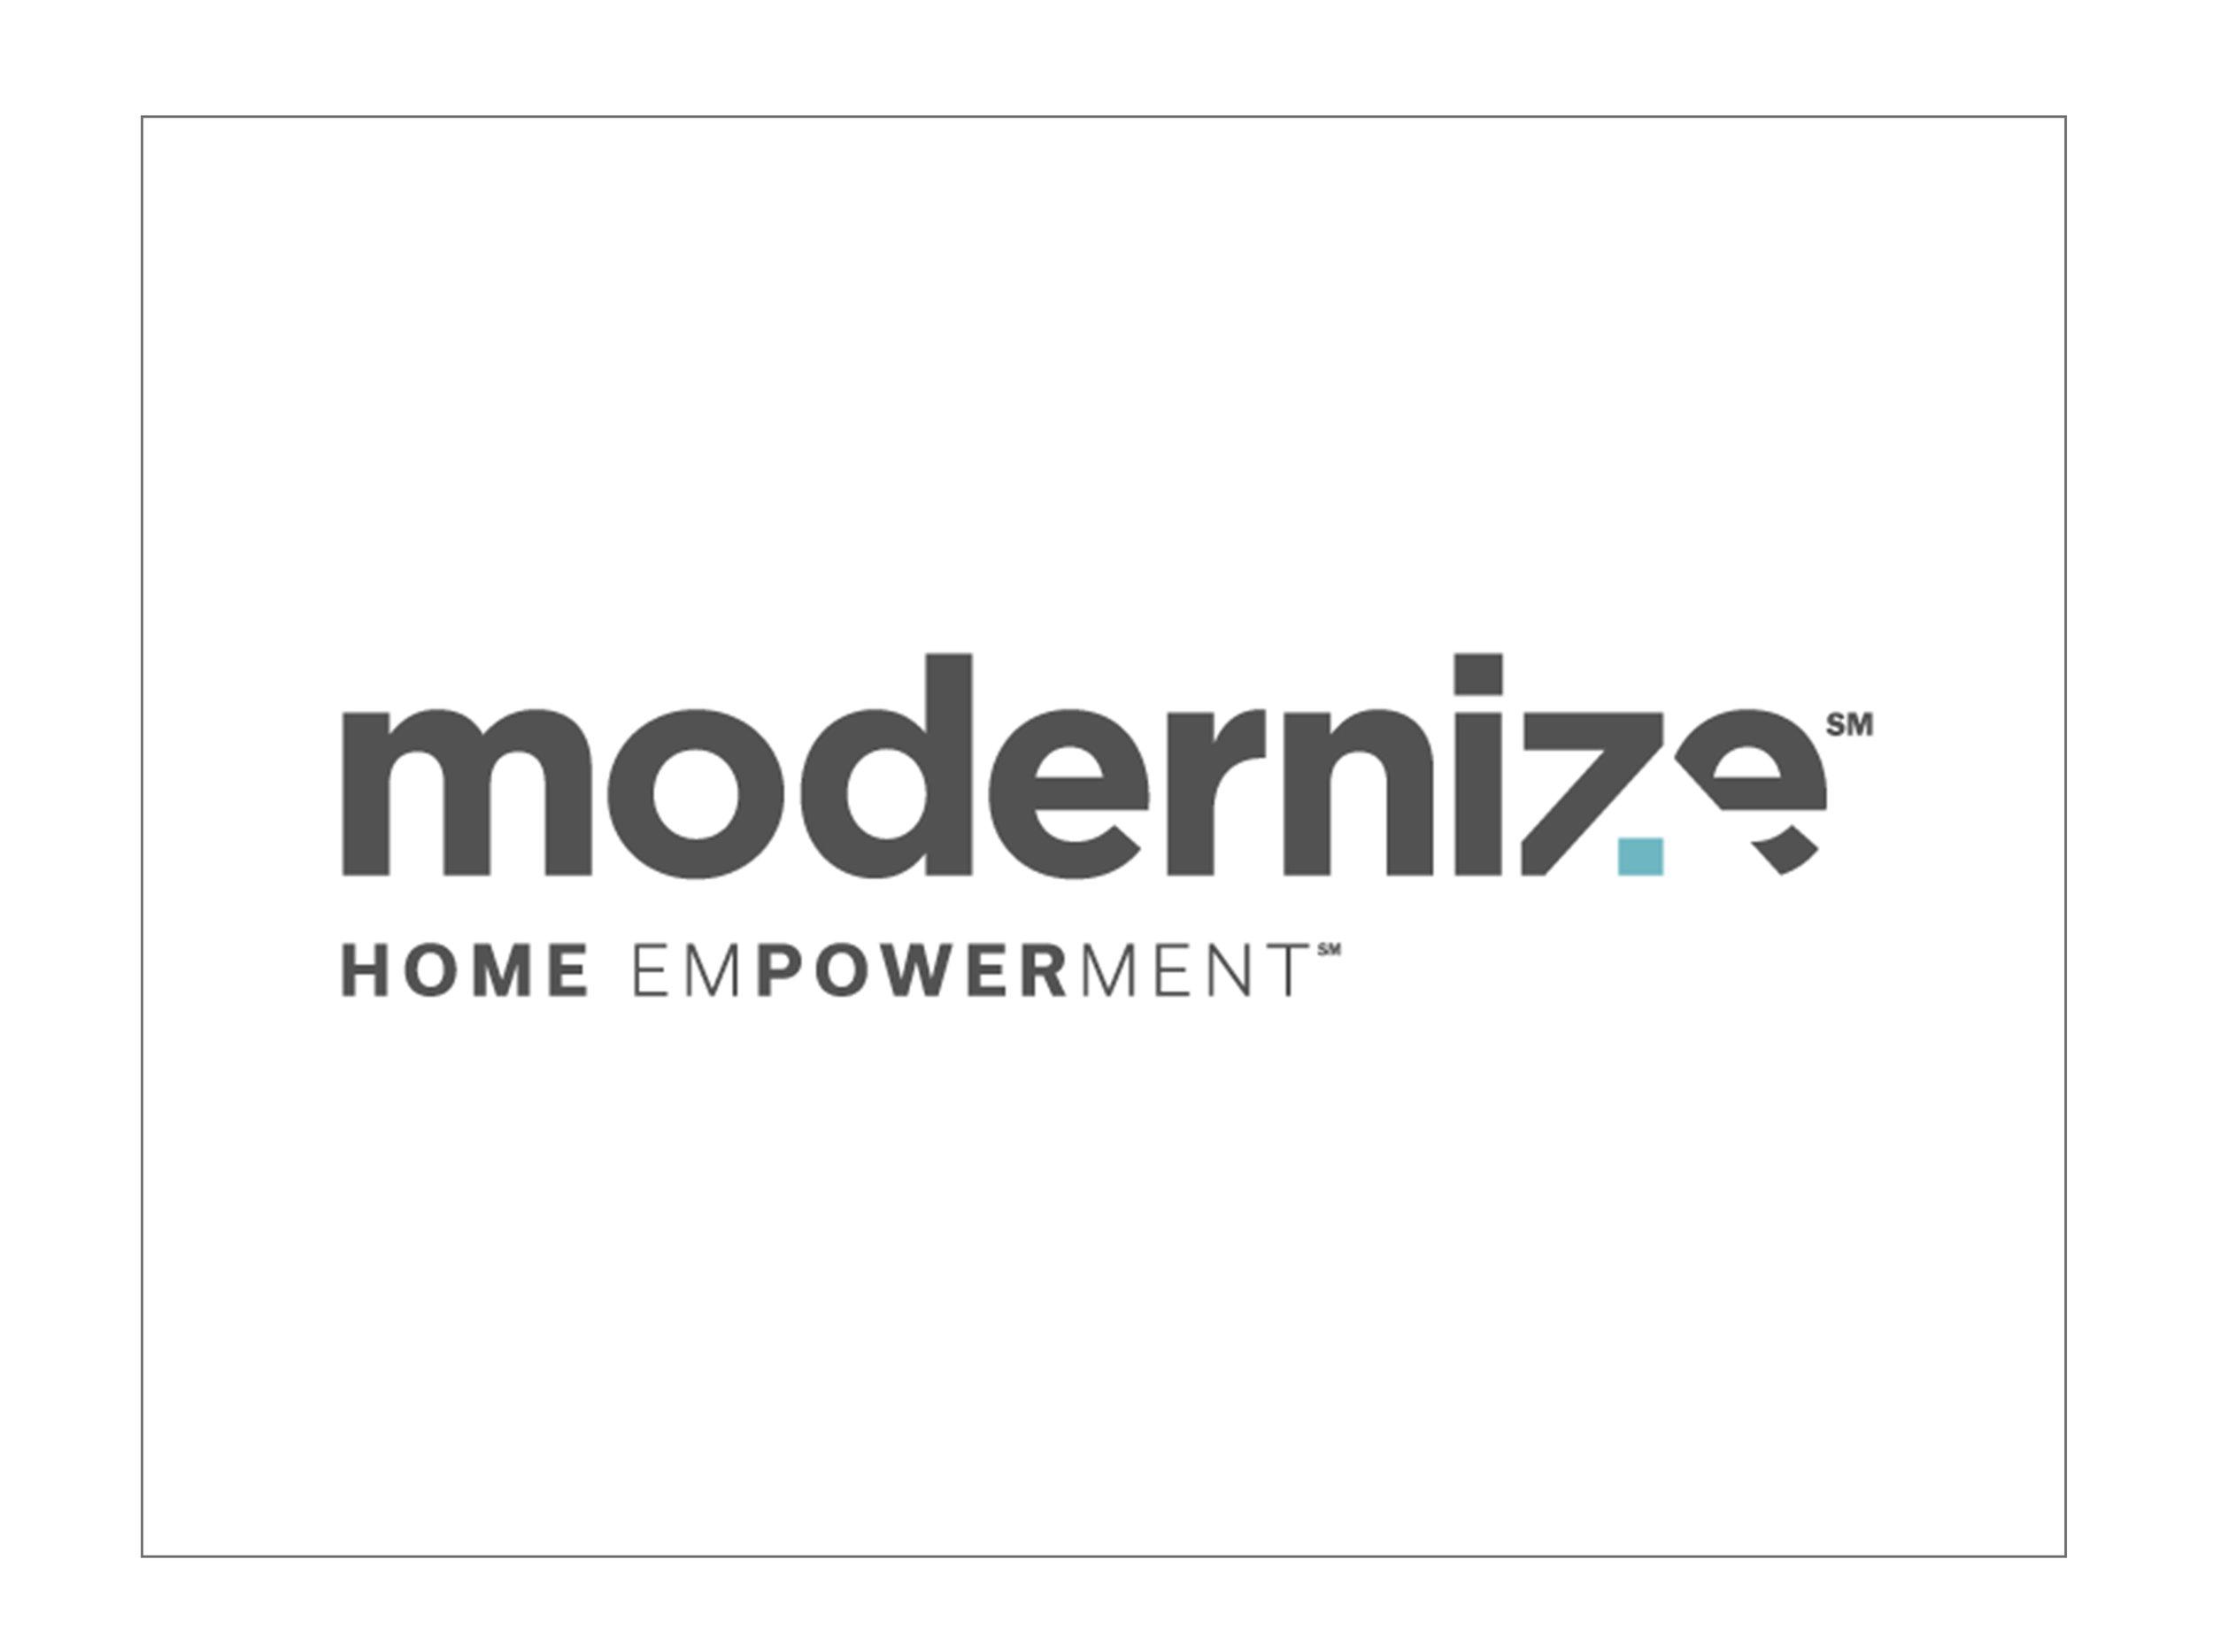 modernize.jpg